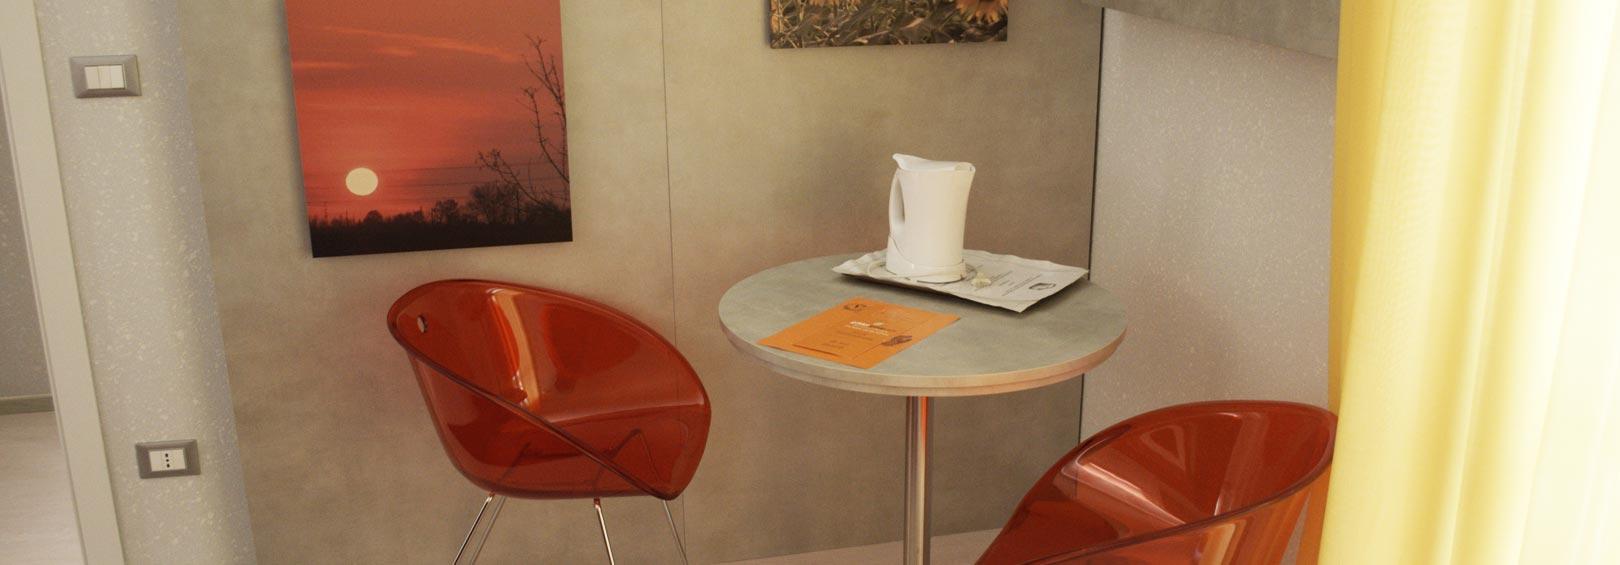 Hotel Fiera - *** stelle a Bologna in zona Fiera vicino a Palazzo ...